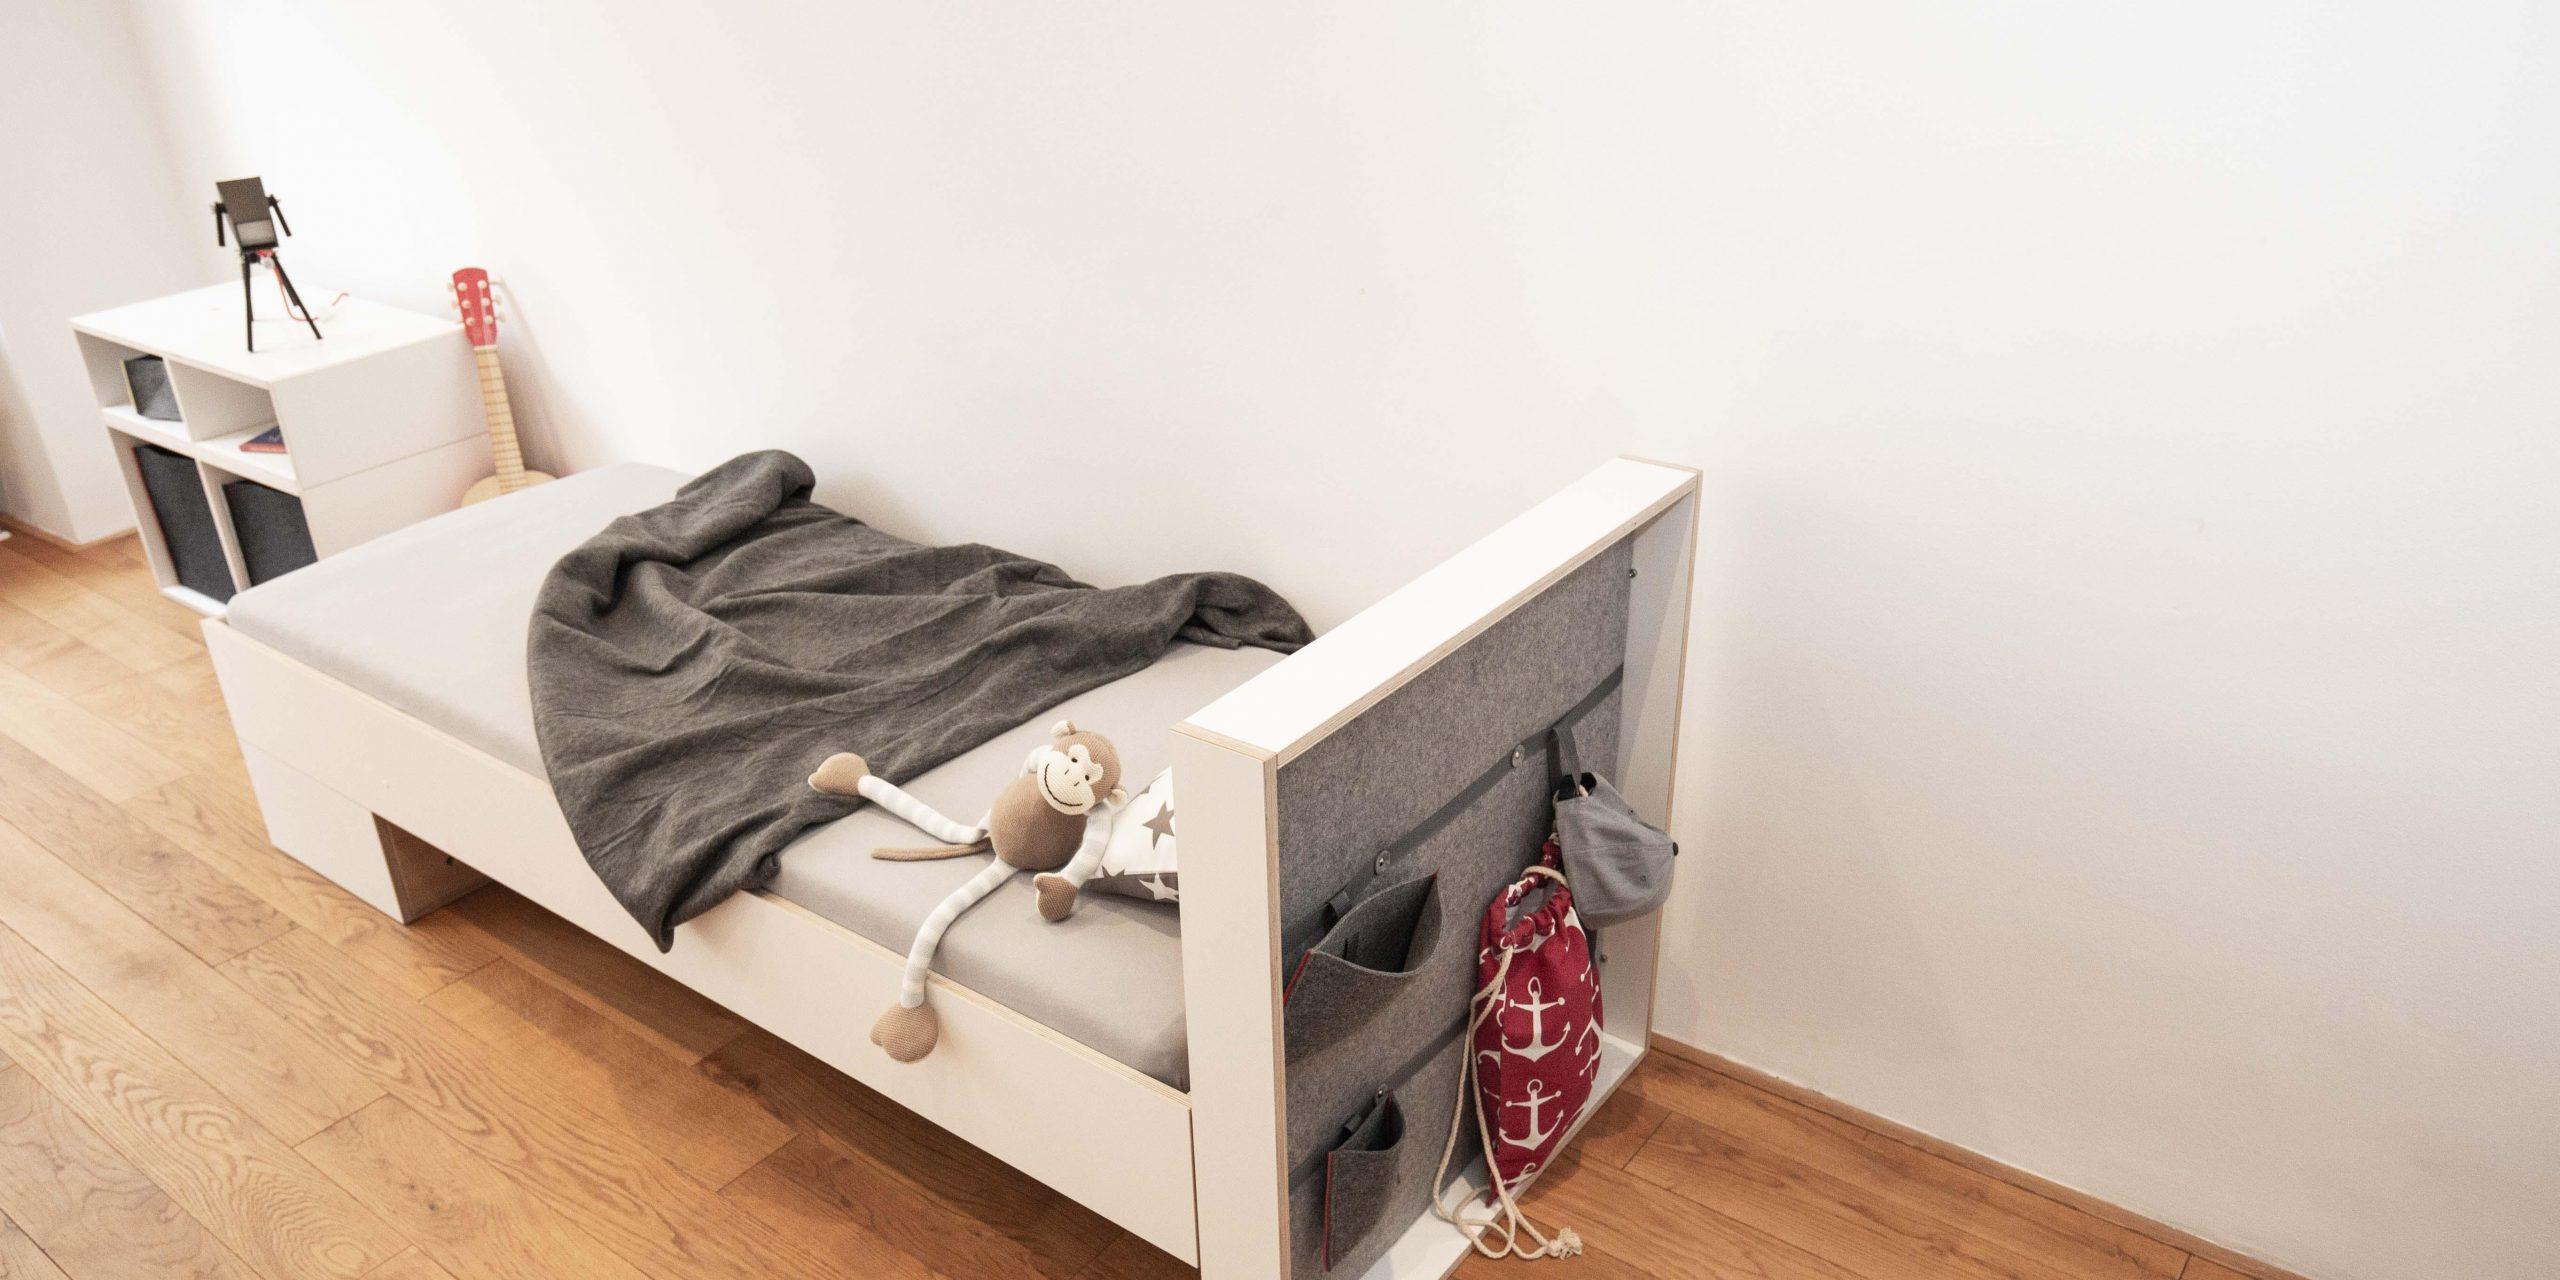 Full Size of Erhöhtes Bett Mit Bettkasten 140x200 Coole Betten Breite 90x200 Weiß Schubladen Massiv 180x200 Breckle Mädchen Paradies Massivholz Rutsche Bett Erhöhtes Bett